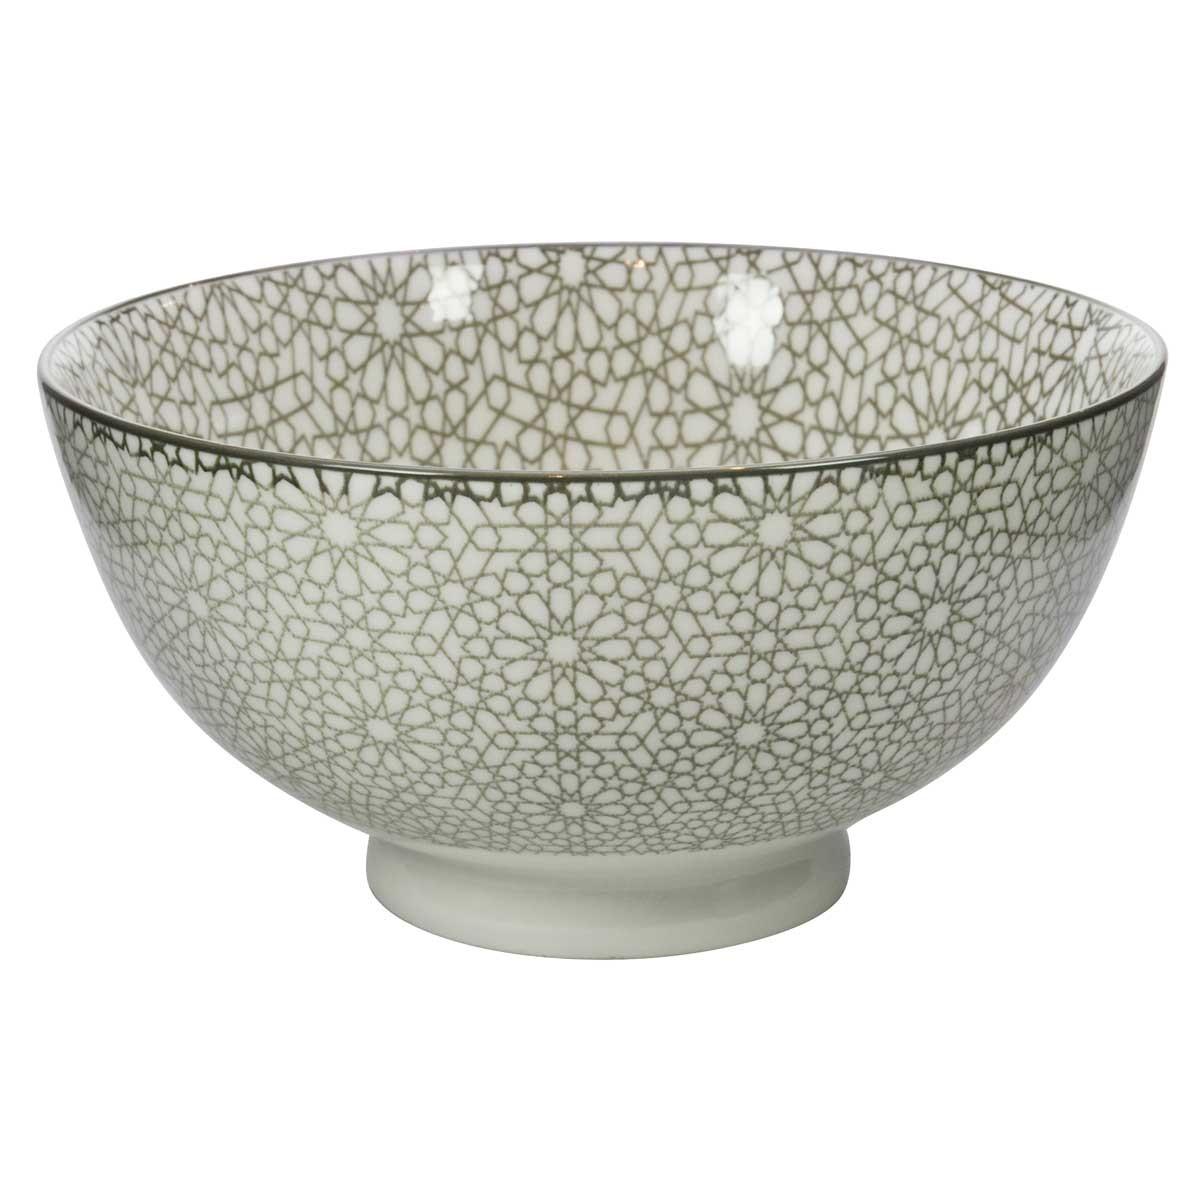 Μπωλ Marva Mosaic Grey 02262800 home   κουζίνα   τραπεζαρία   πιάτα   μπωλ